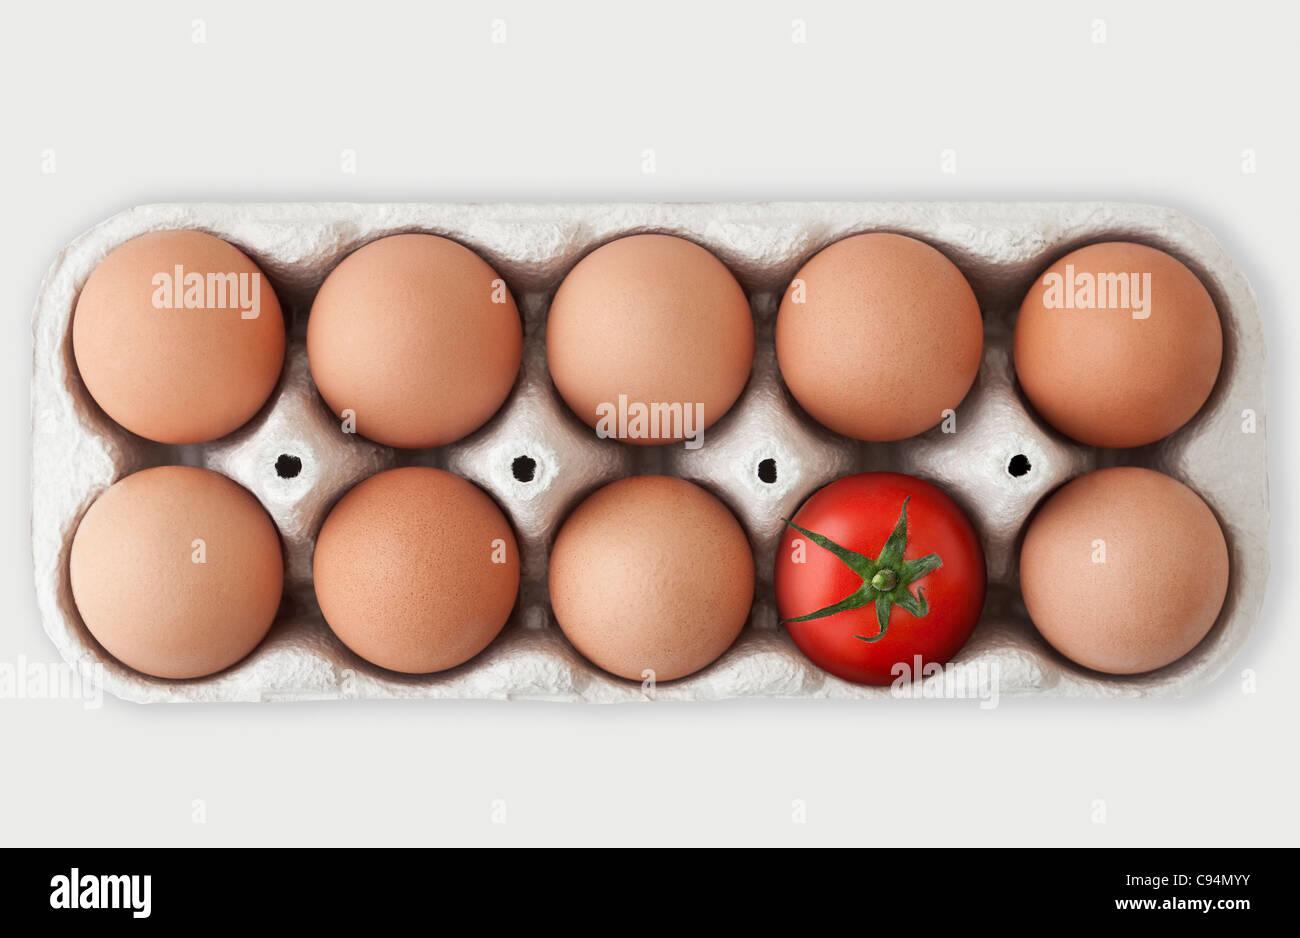 Boîte en carton contenant 9 oeufs de poule marron et une seule tomate rouge, signifiant un odd one out concept Photo Stock